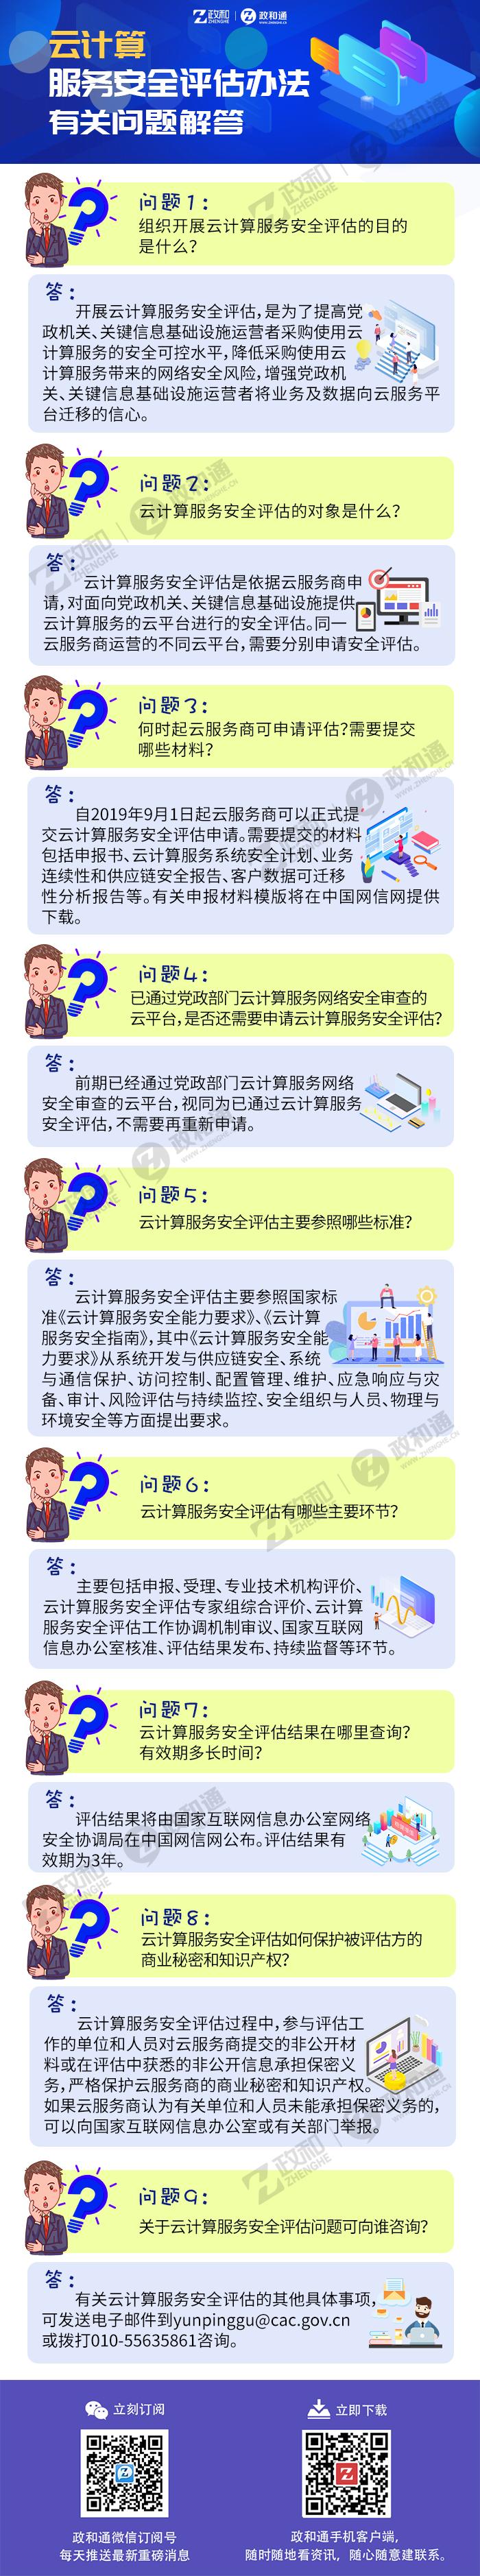 8.13云计算服务安全评估办法有关问题解答.jpg